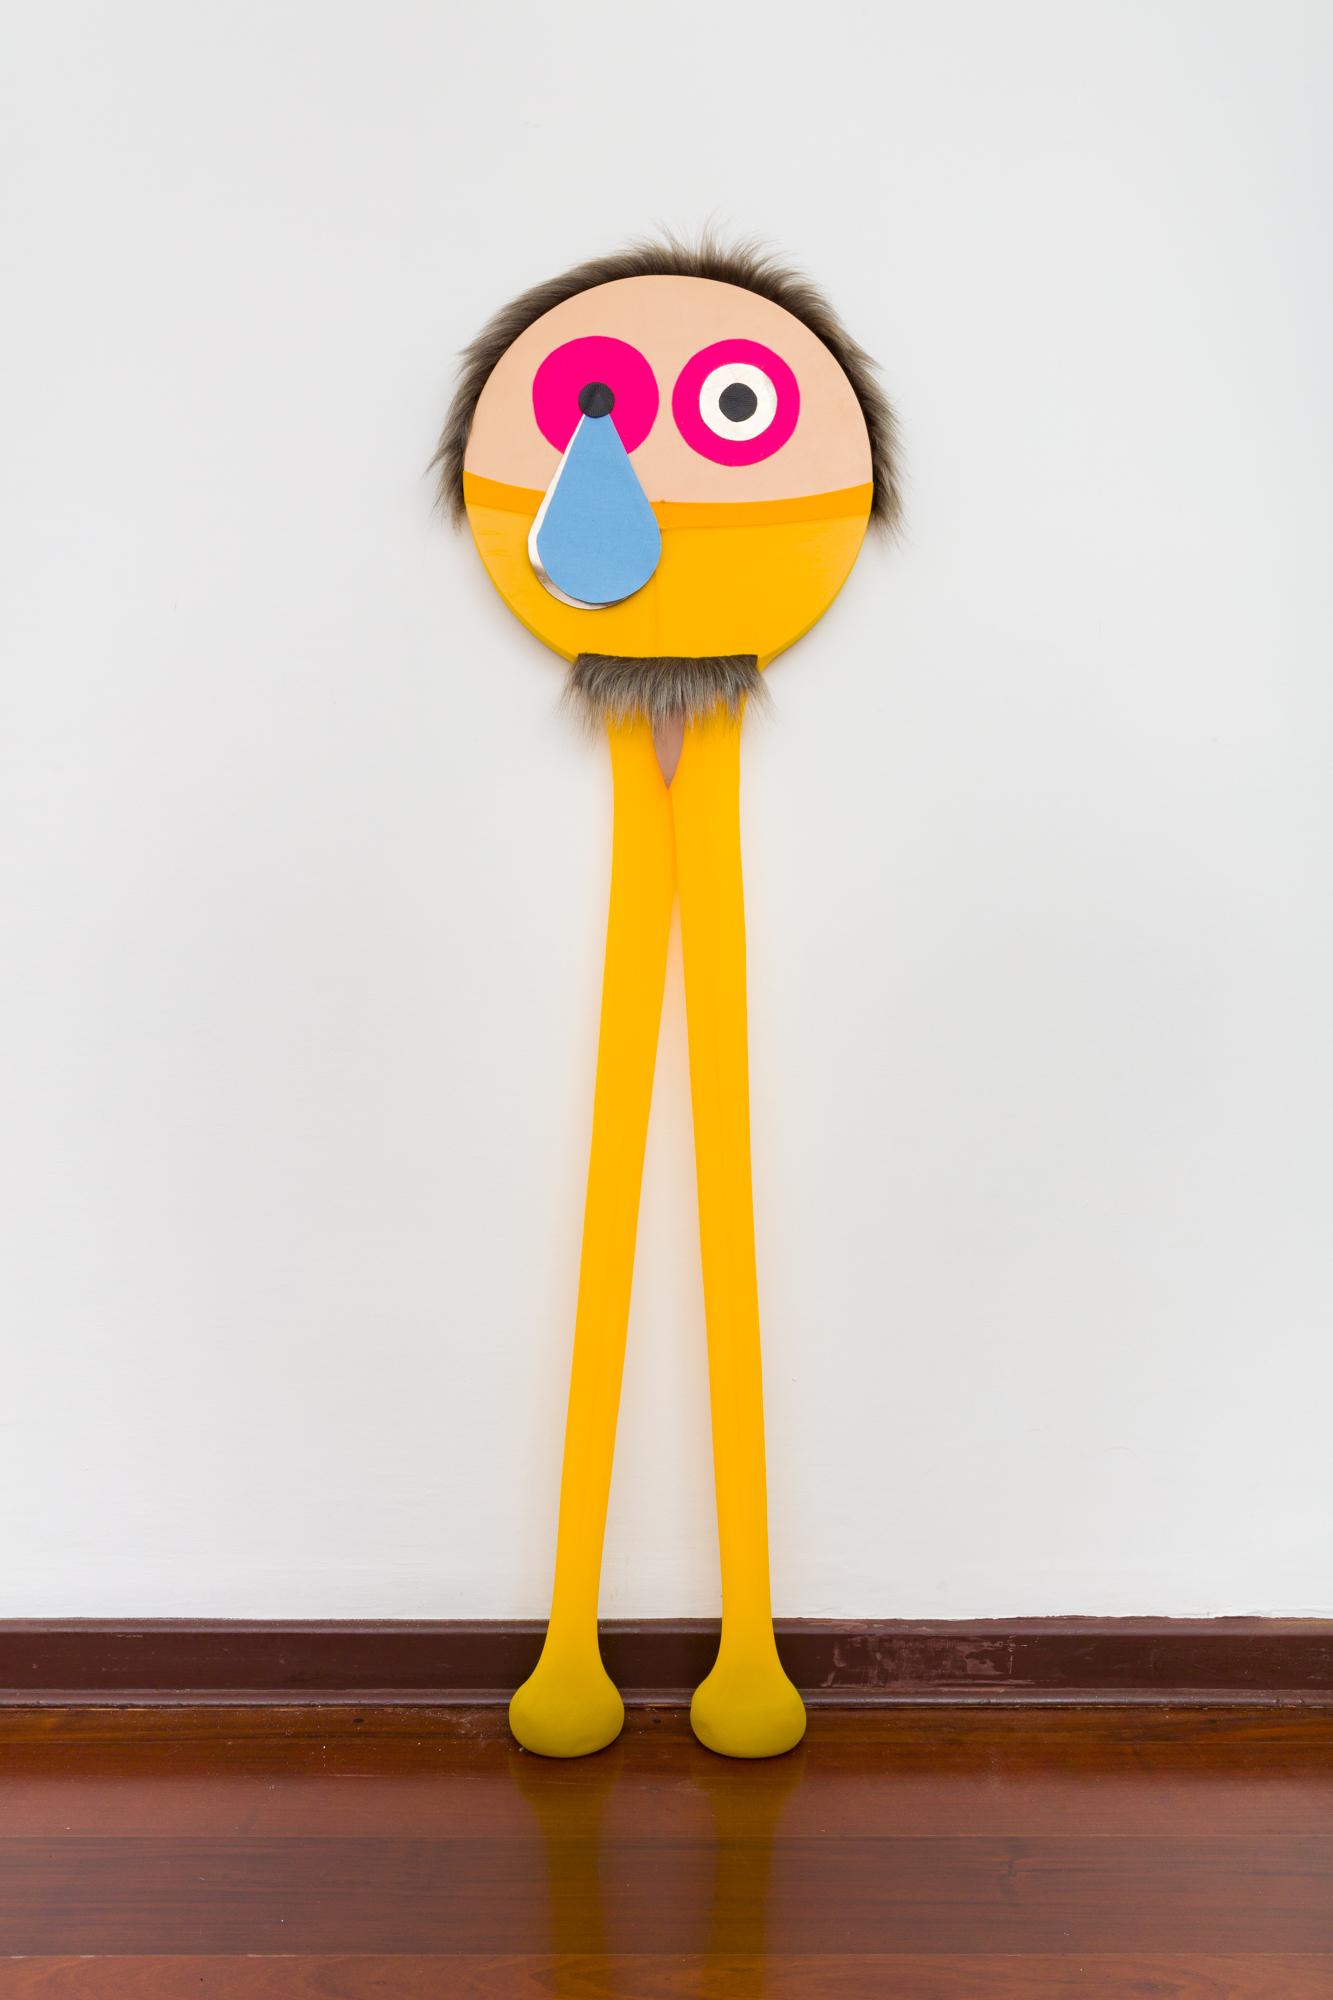 Joãozinho, 2021. Série Moles. Nylon, areia, feltro, couro tingido, pele sintética e prego sobre tela. 180 x 55 cm